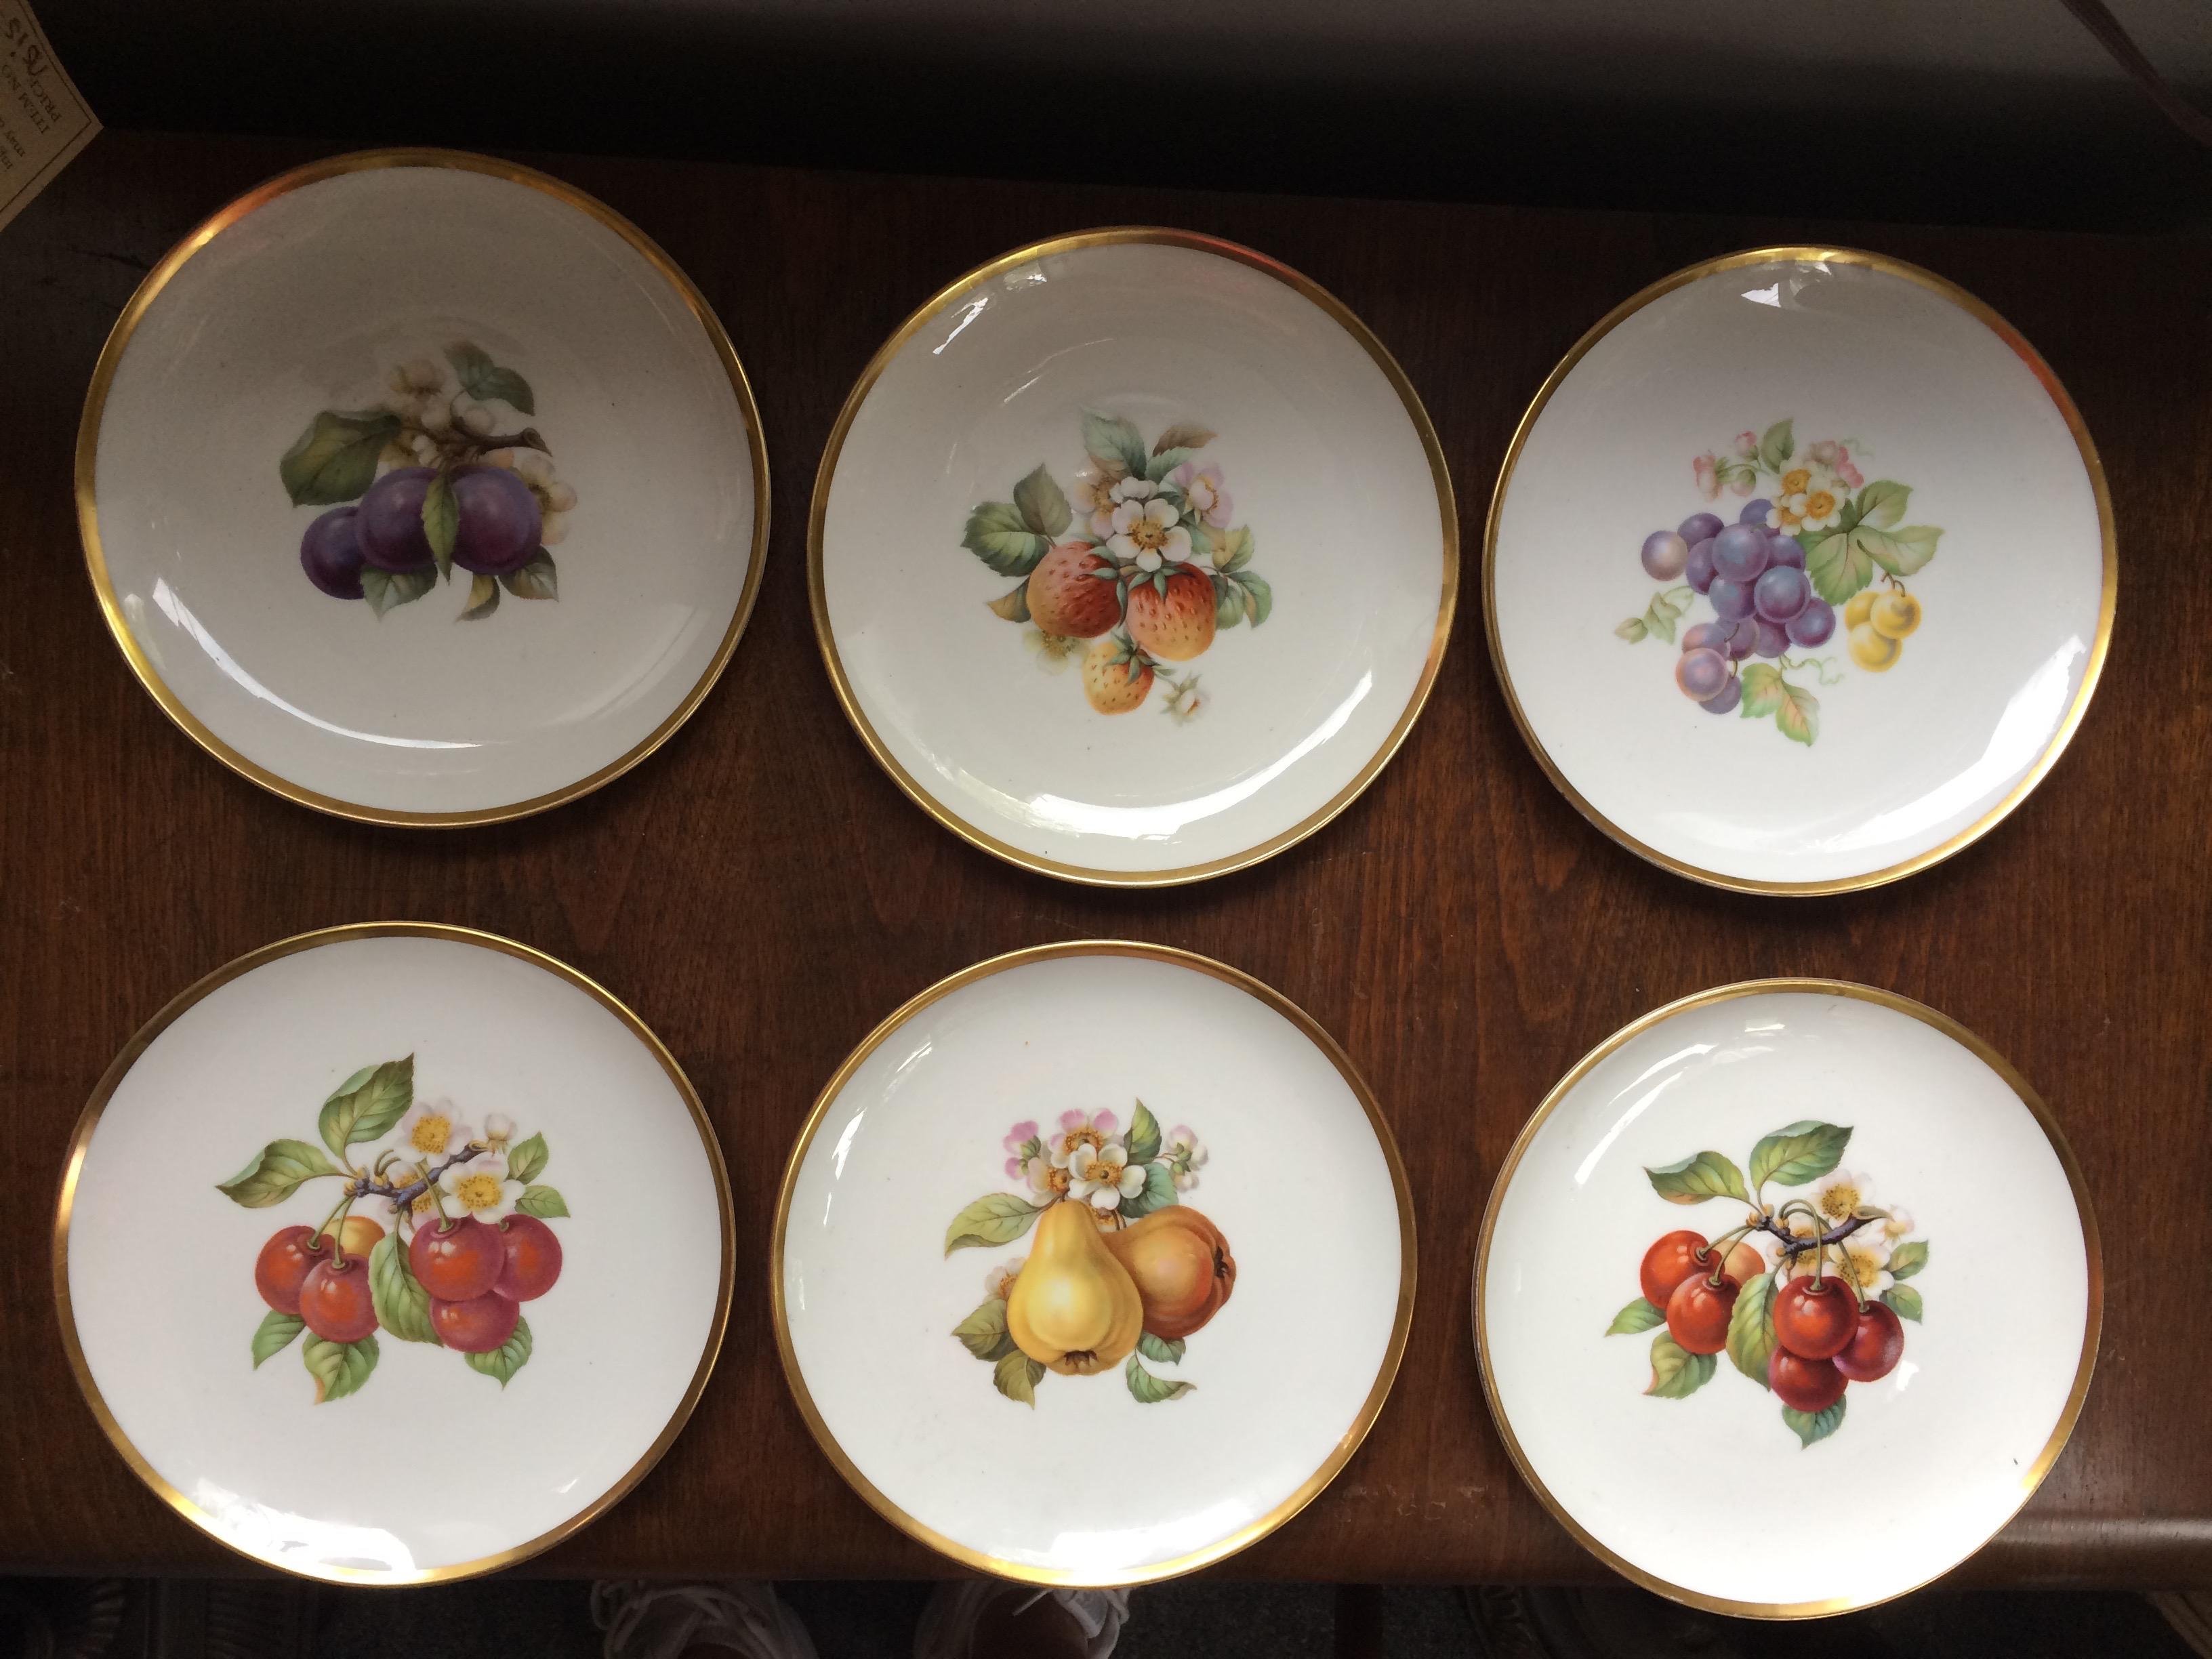 6 Hutchenreuther Fruit Plates German